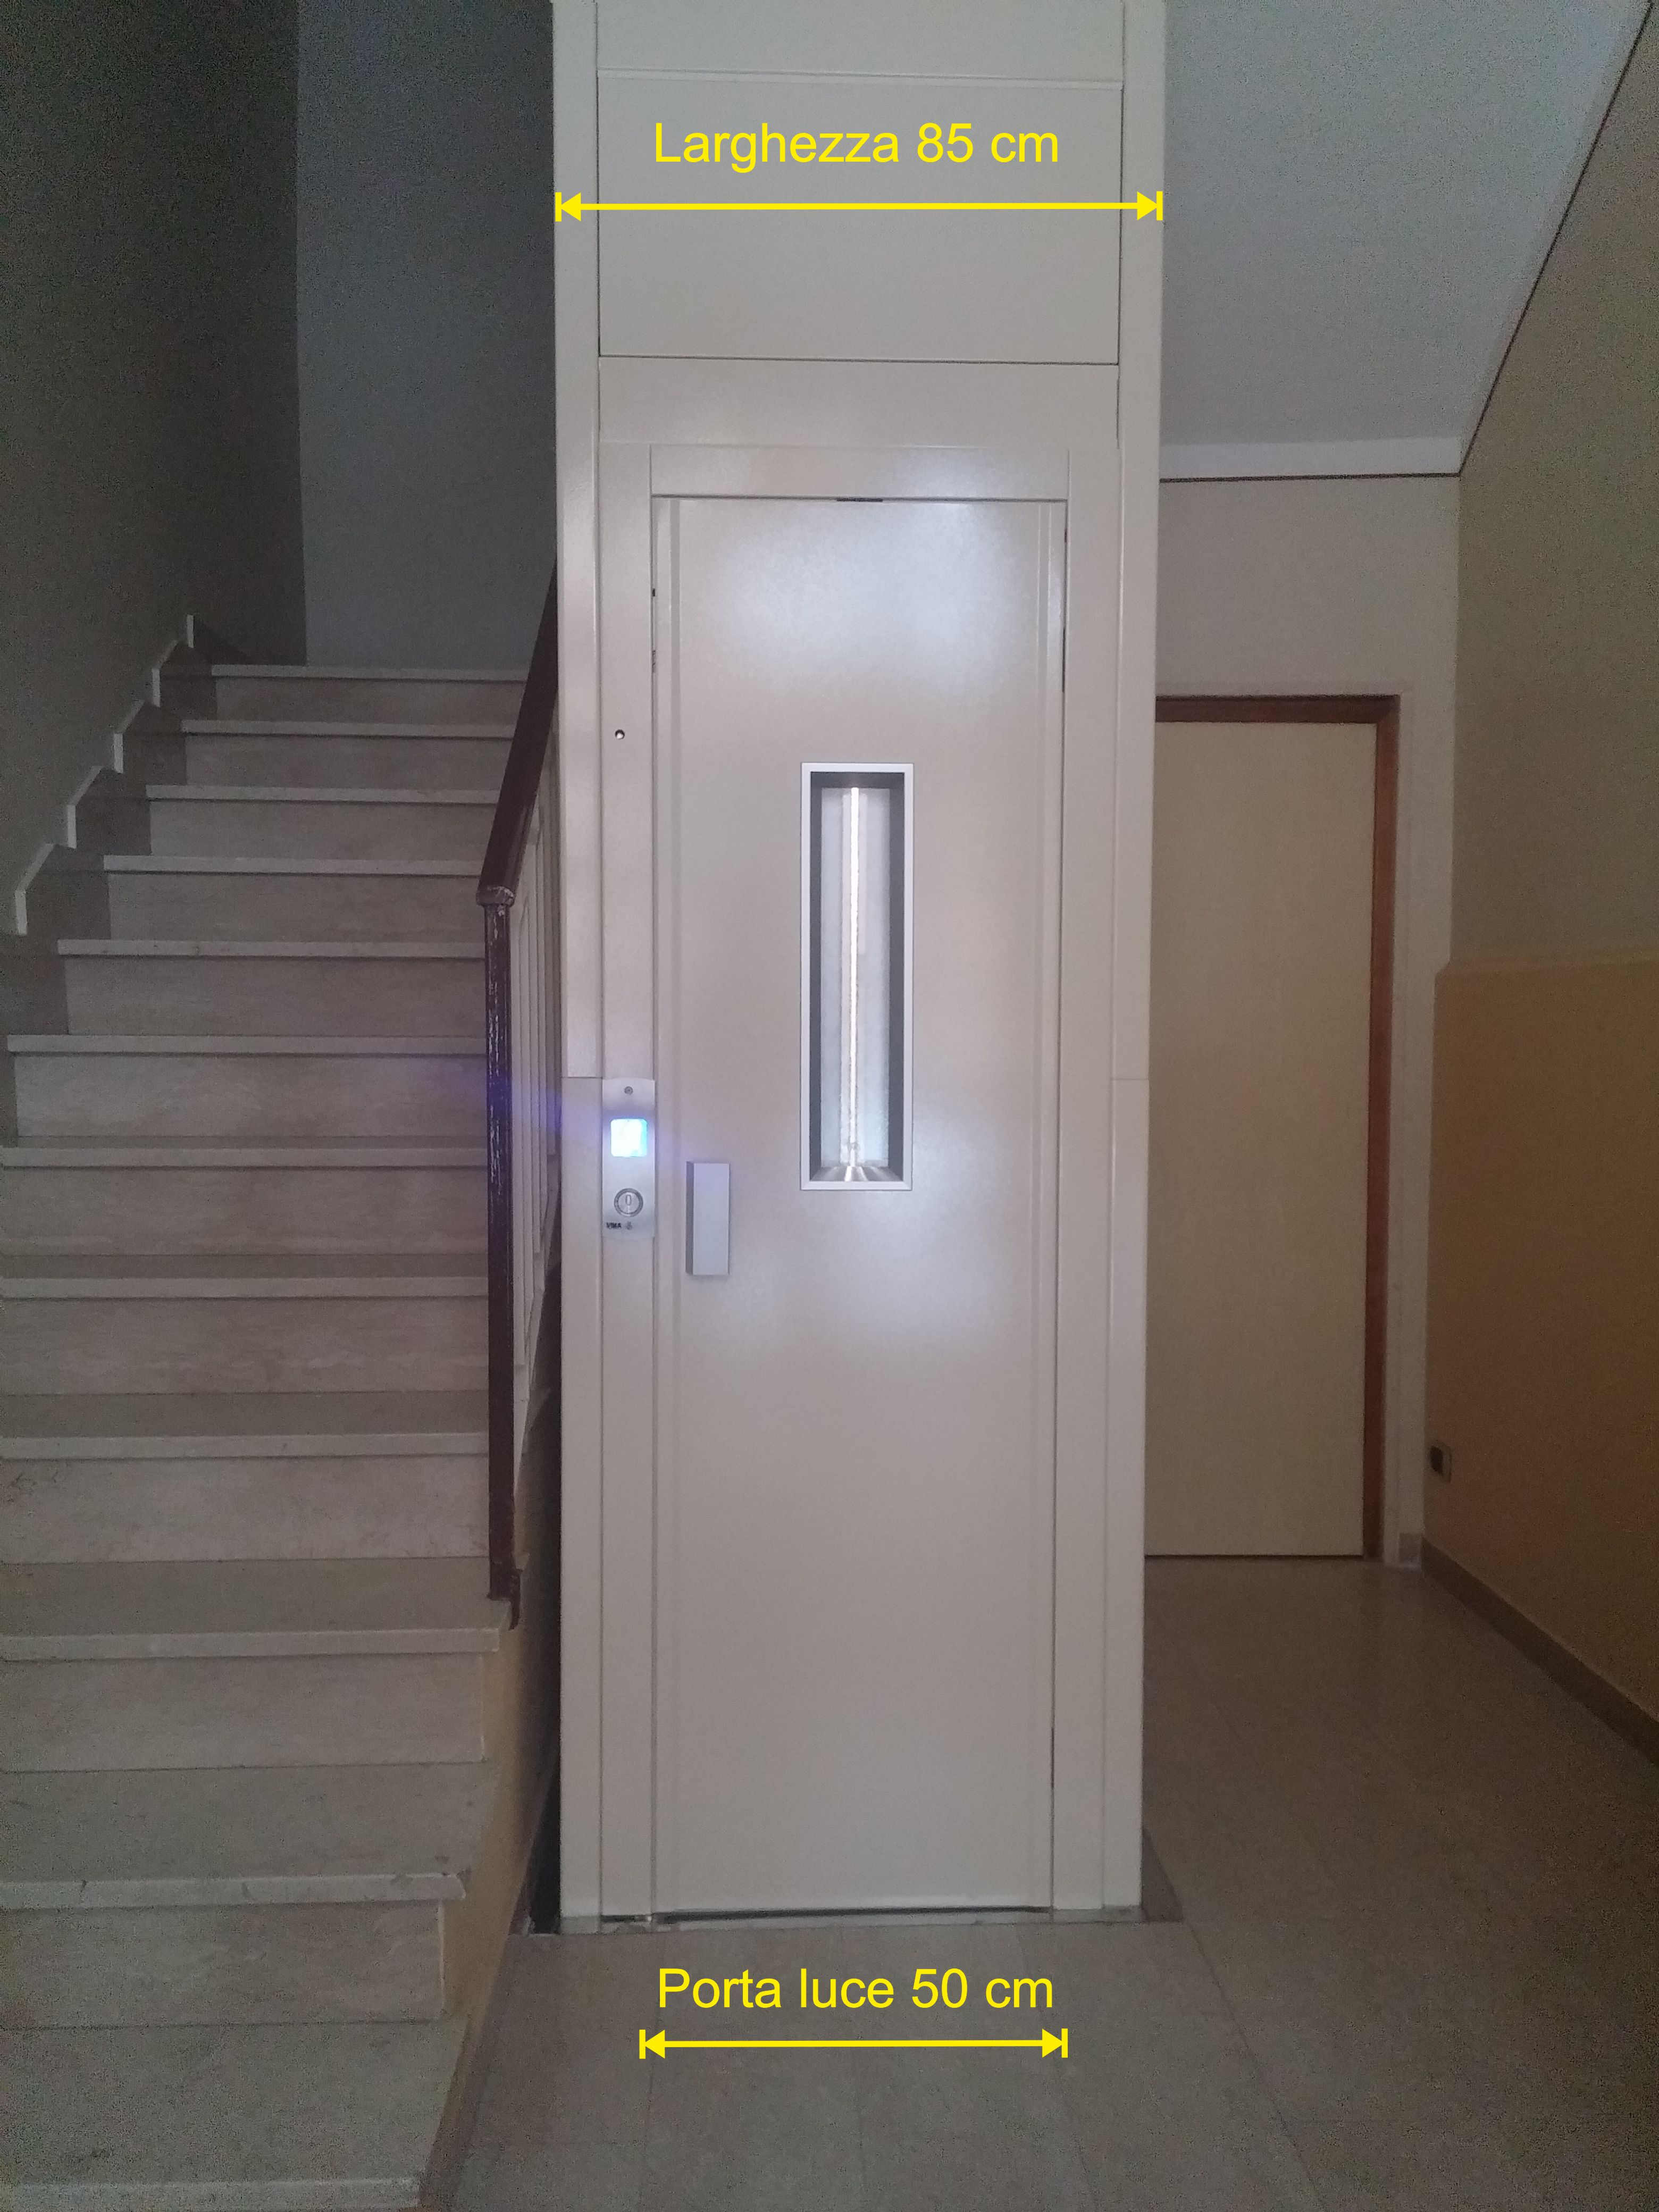 Costo Ascensore Interno 3 Piani ▷ ascensore interno di dimensioni ridotte